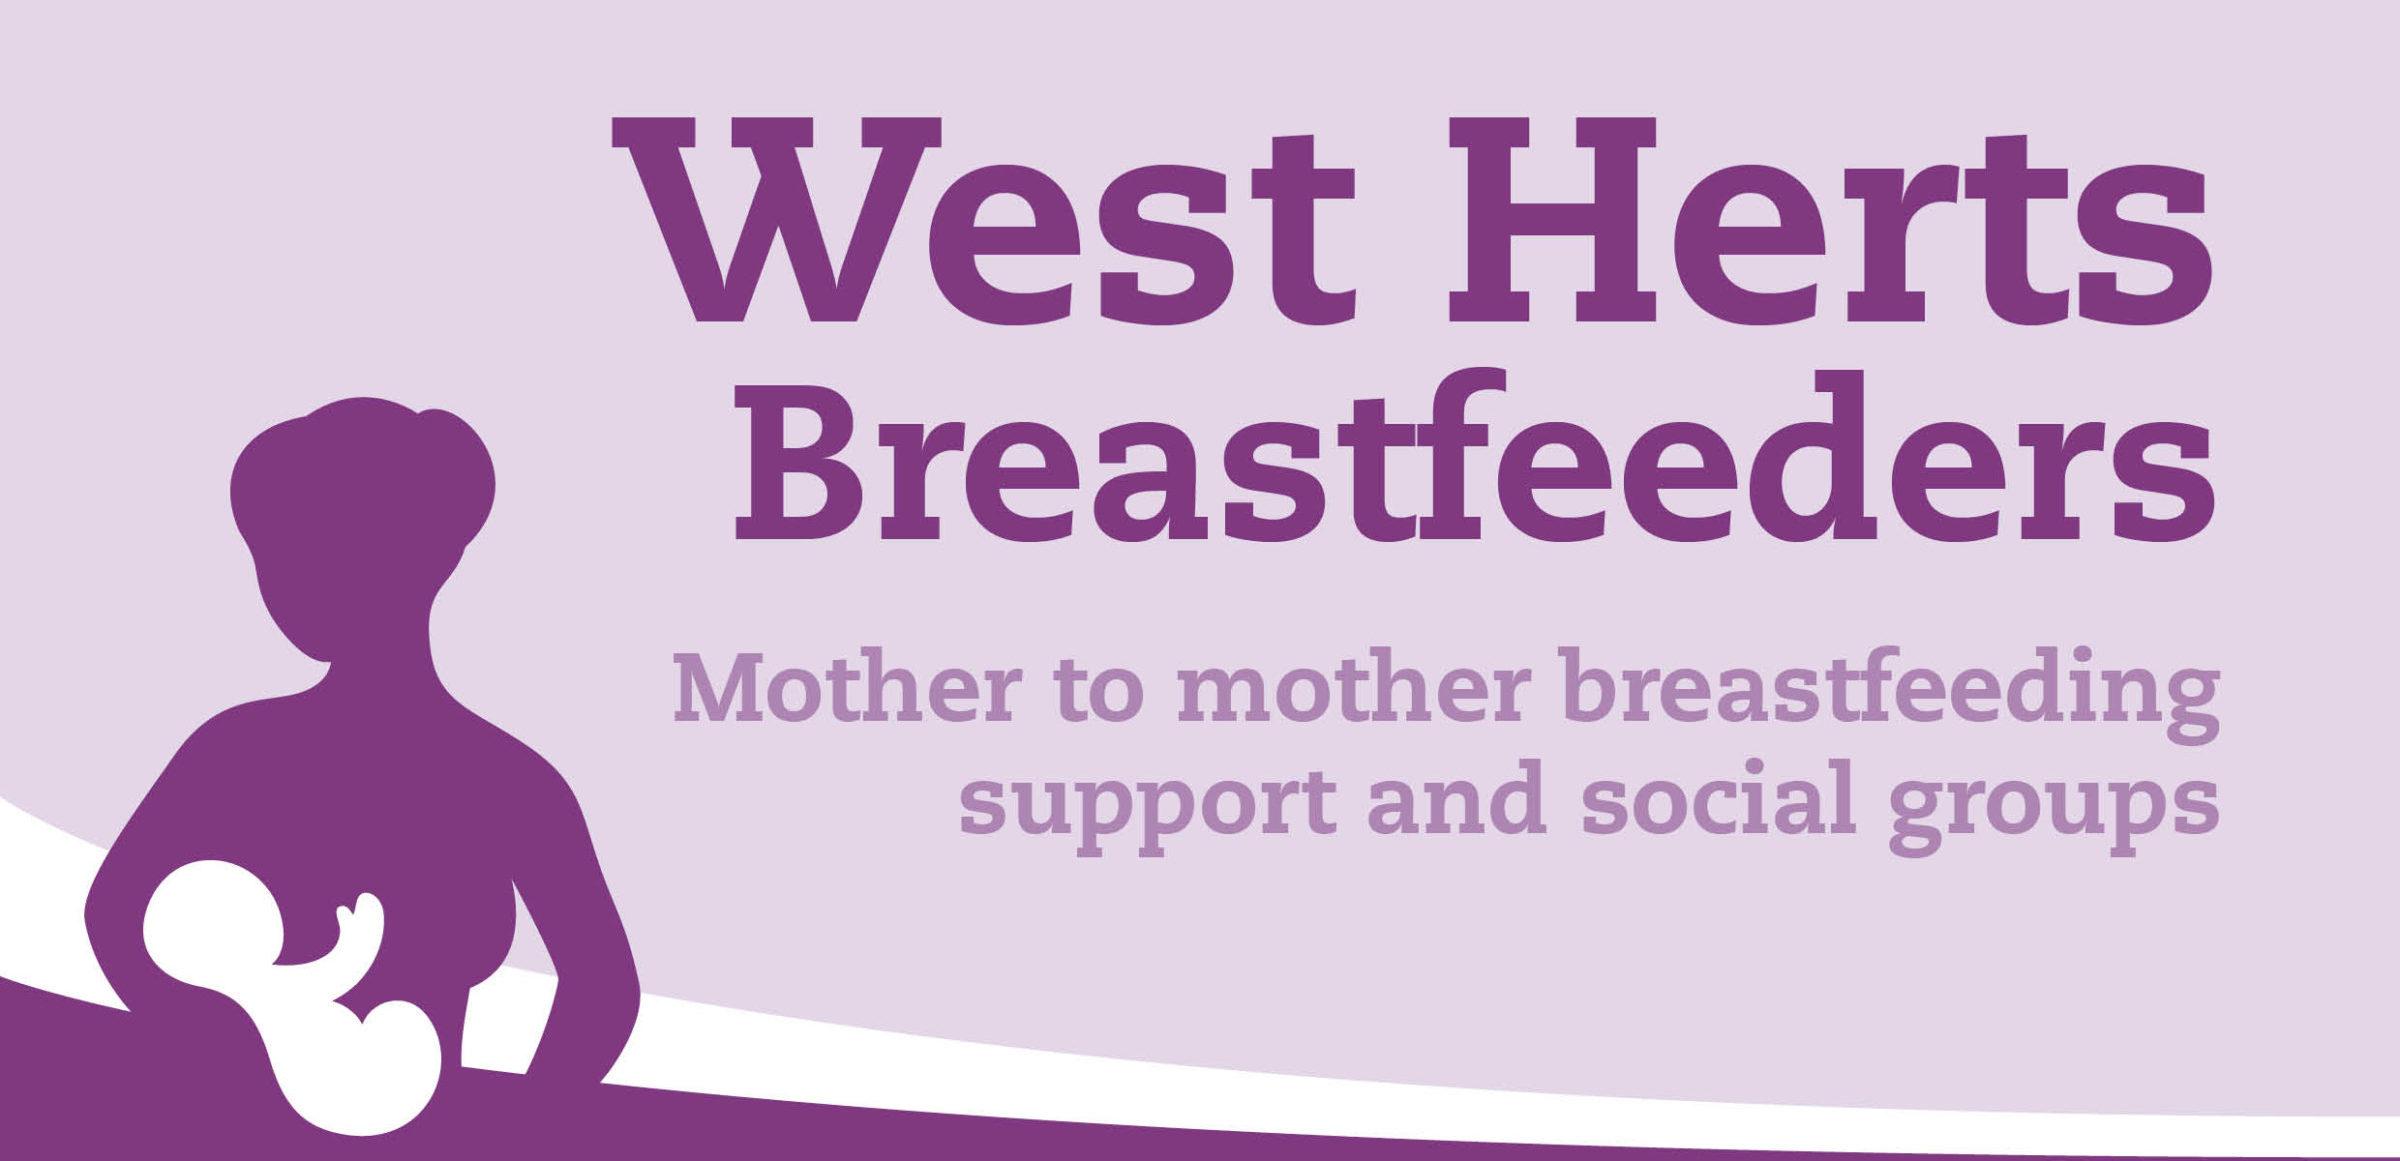 West Herts breastfeeders